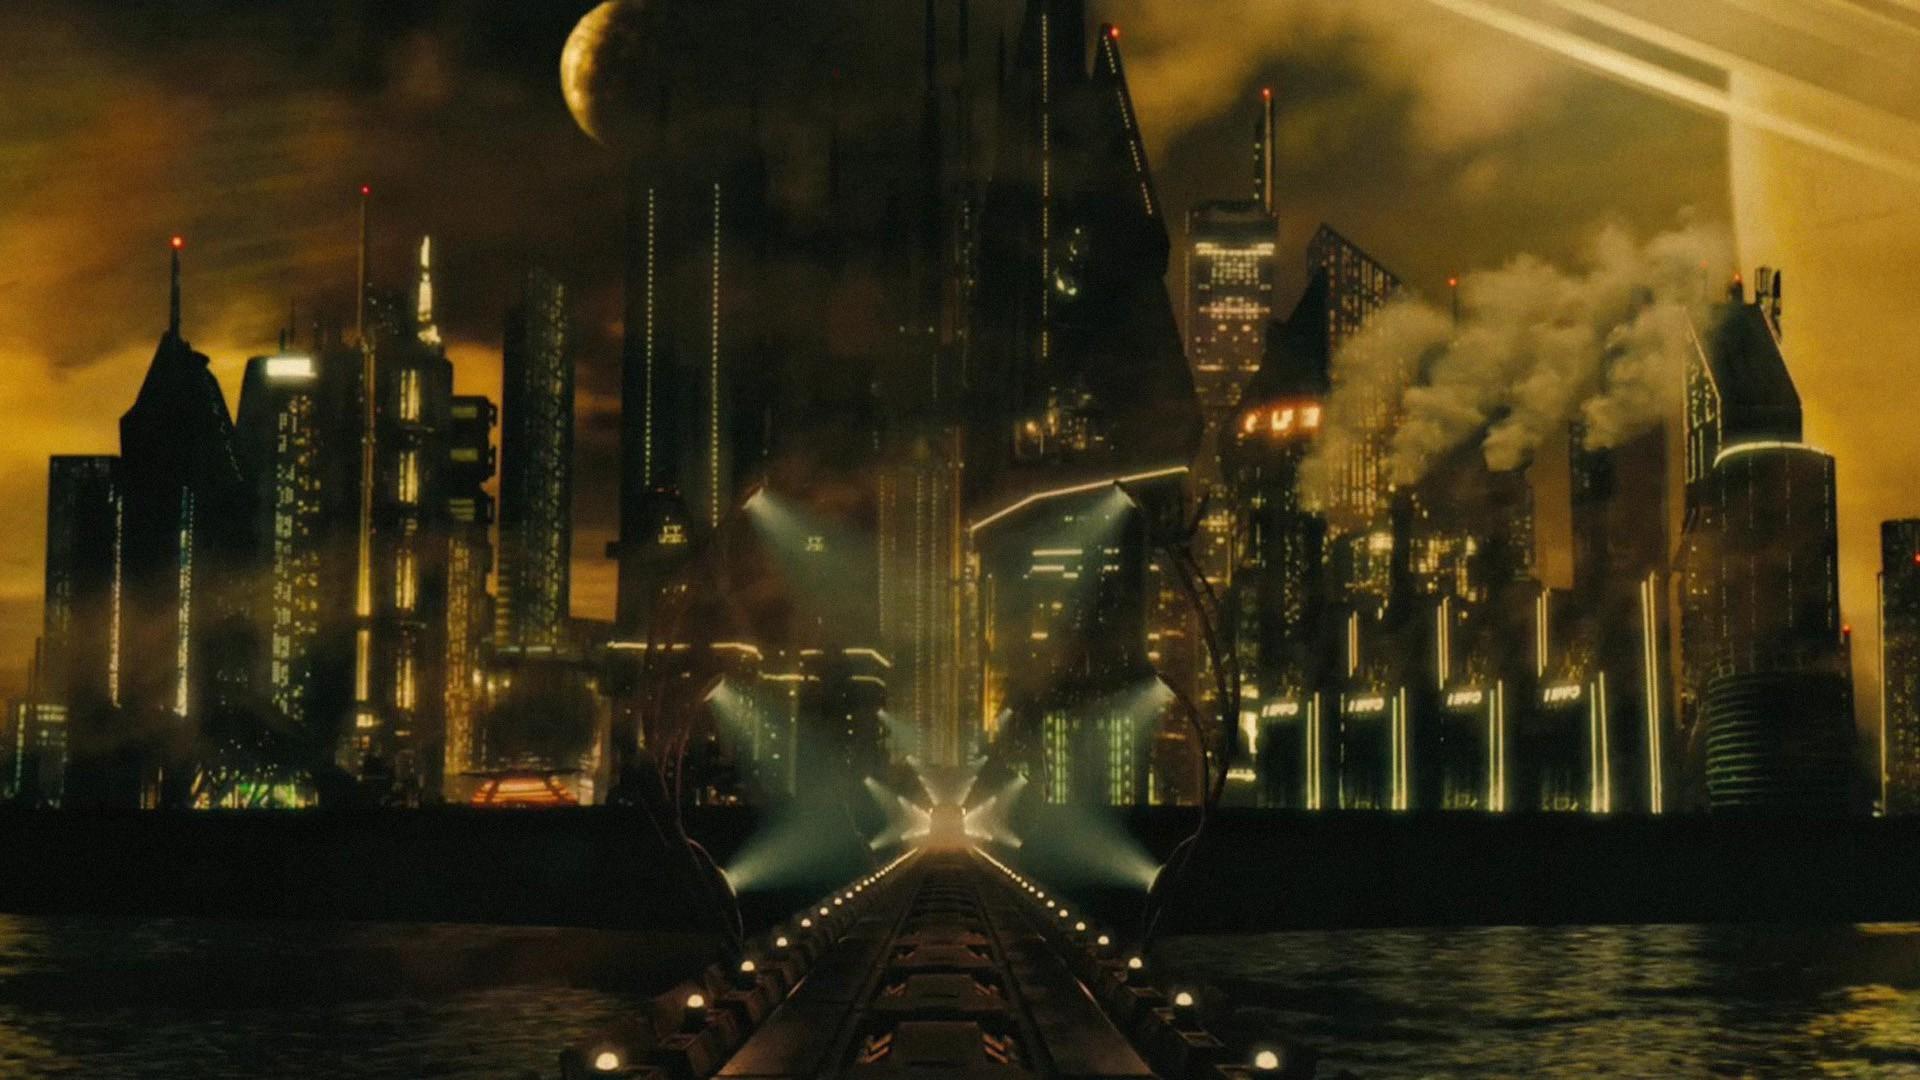 Wallpaper Cityscape Night Reflection Movies Skyscraper